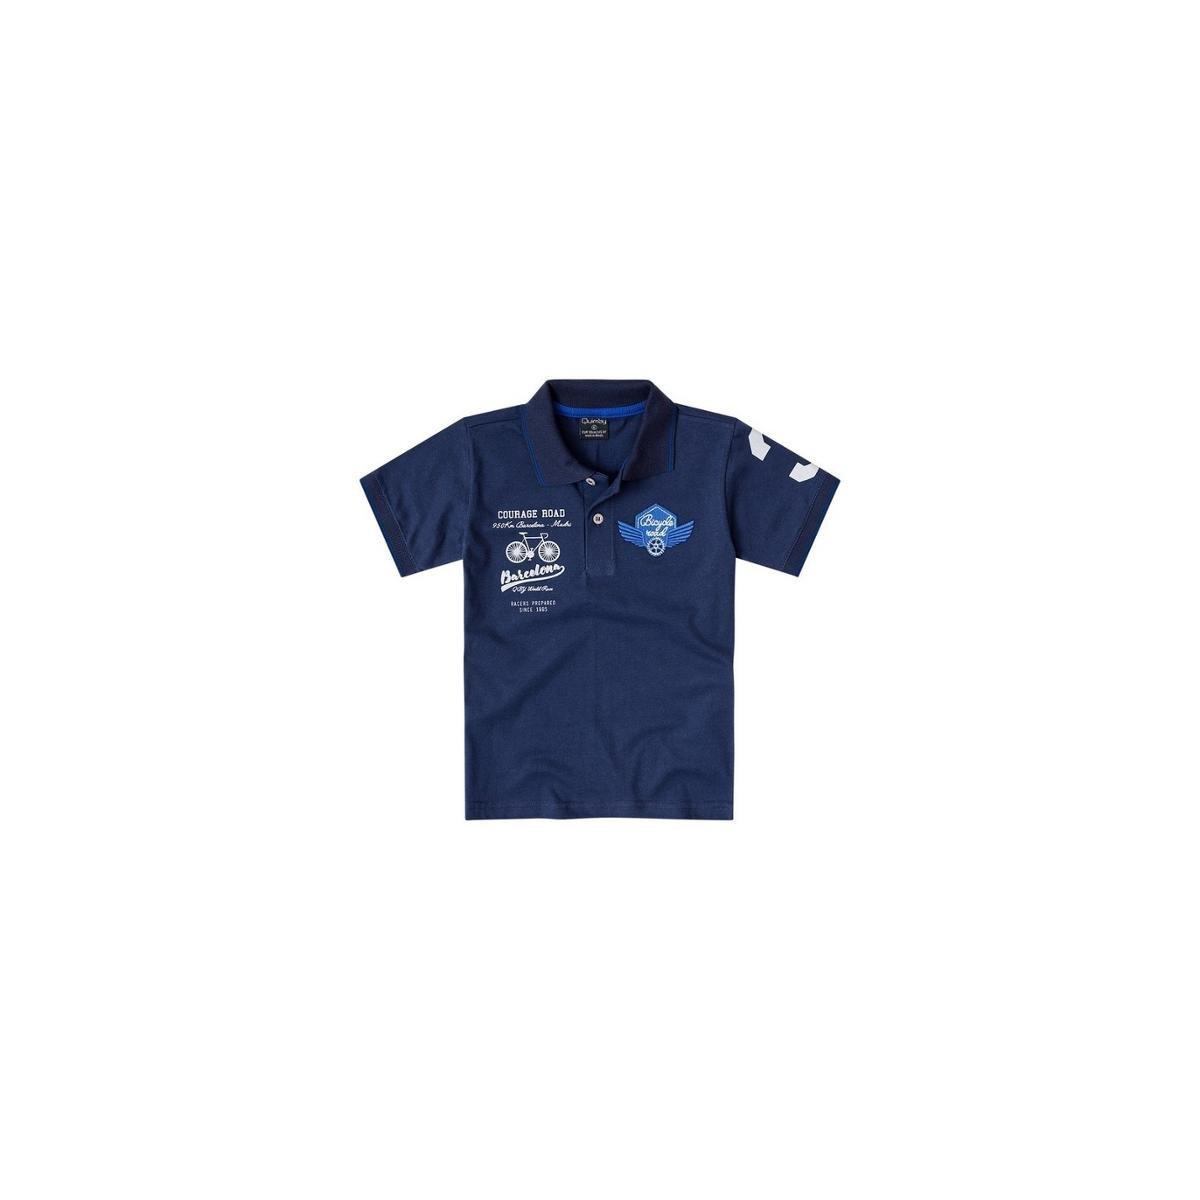 Camisa Polo Bebê Quimby Masculina - Marinho - Compre Agora  795fcb4c717e3